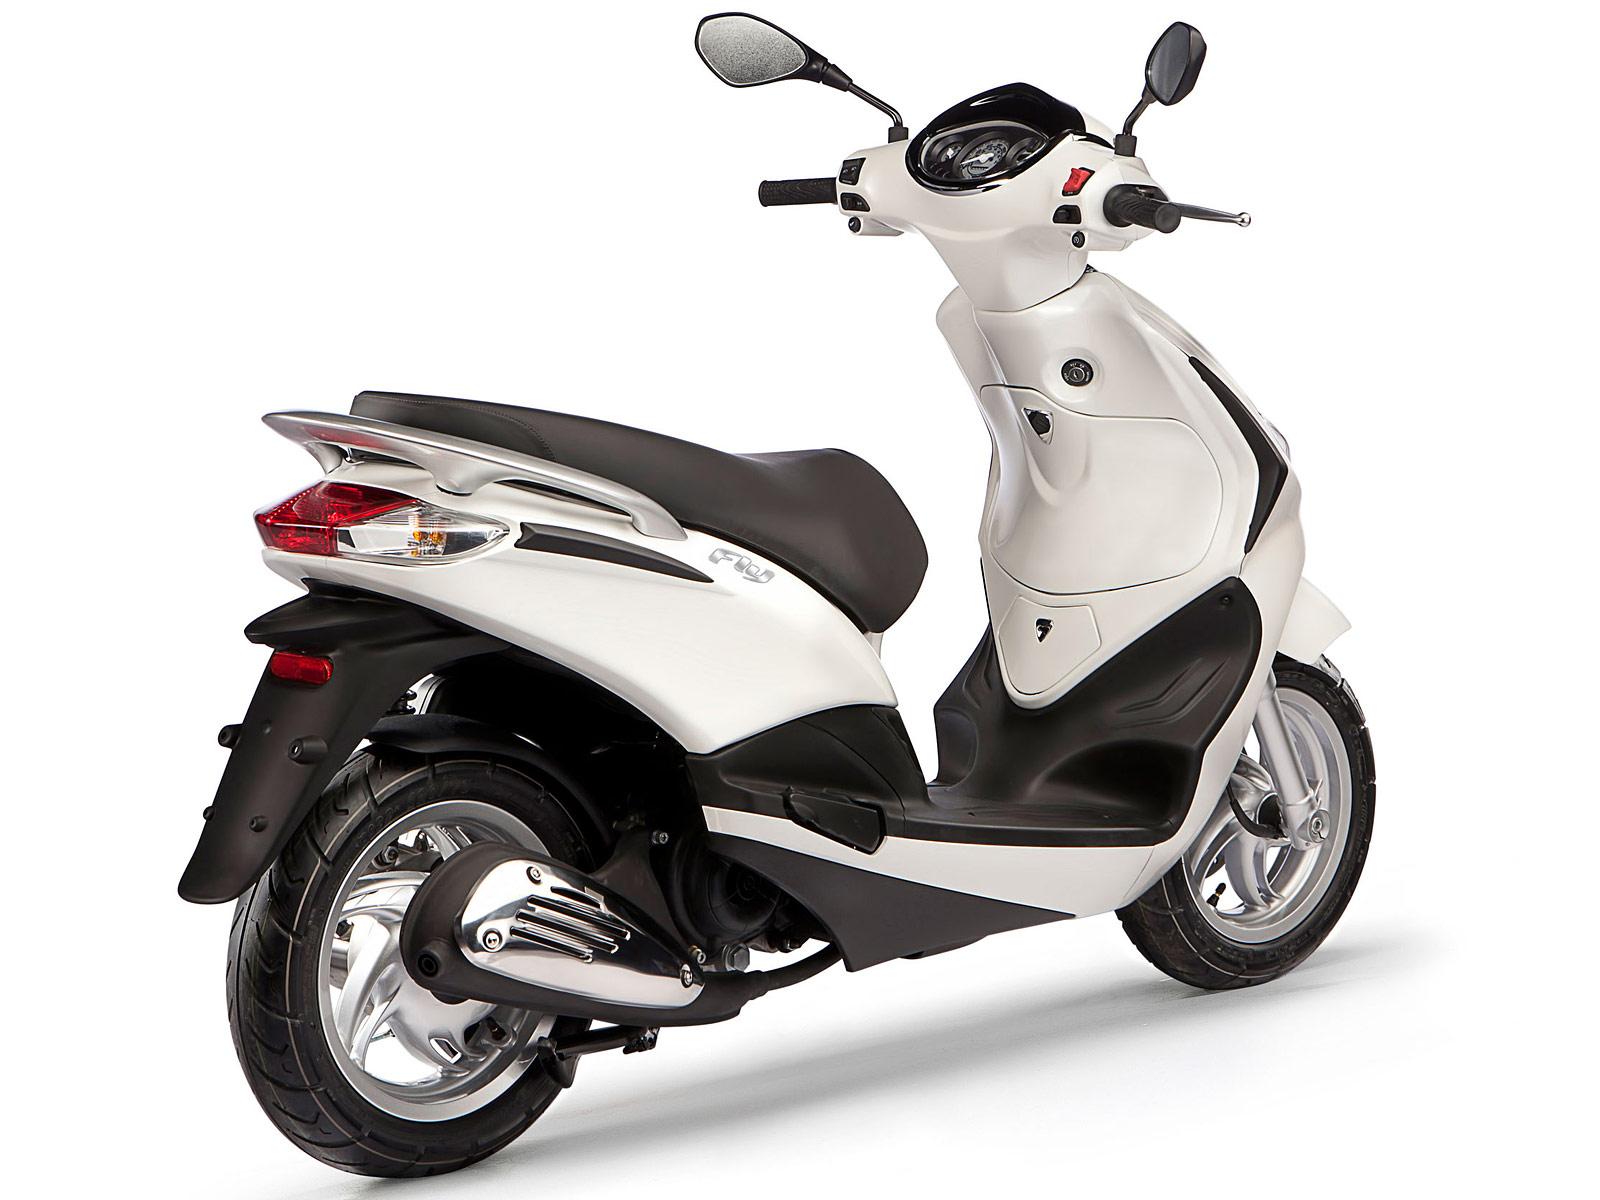 Honda Xe Mt 2016 Autos Post